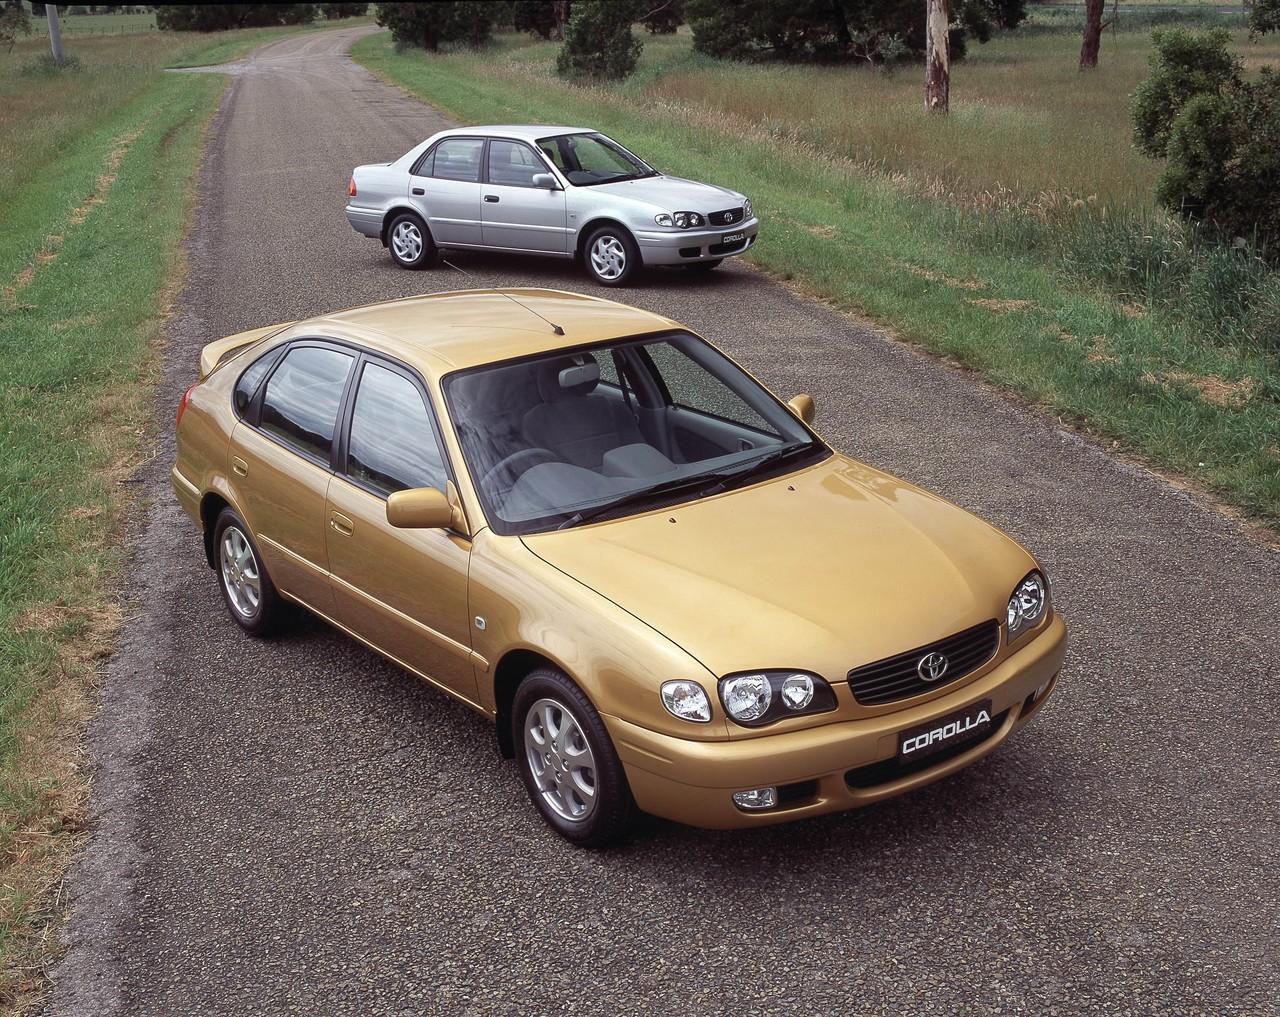 Kelebihan Kekurangan Corolla 1998 Review